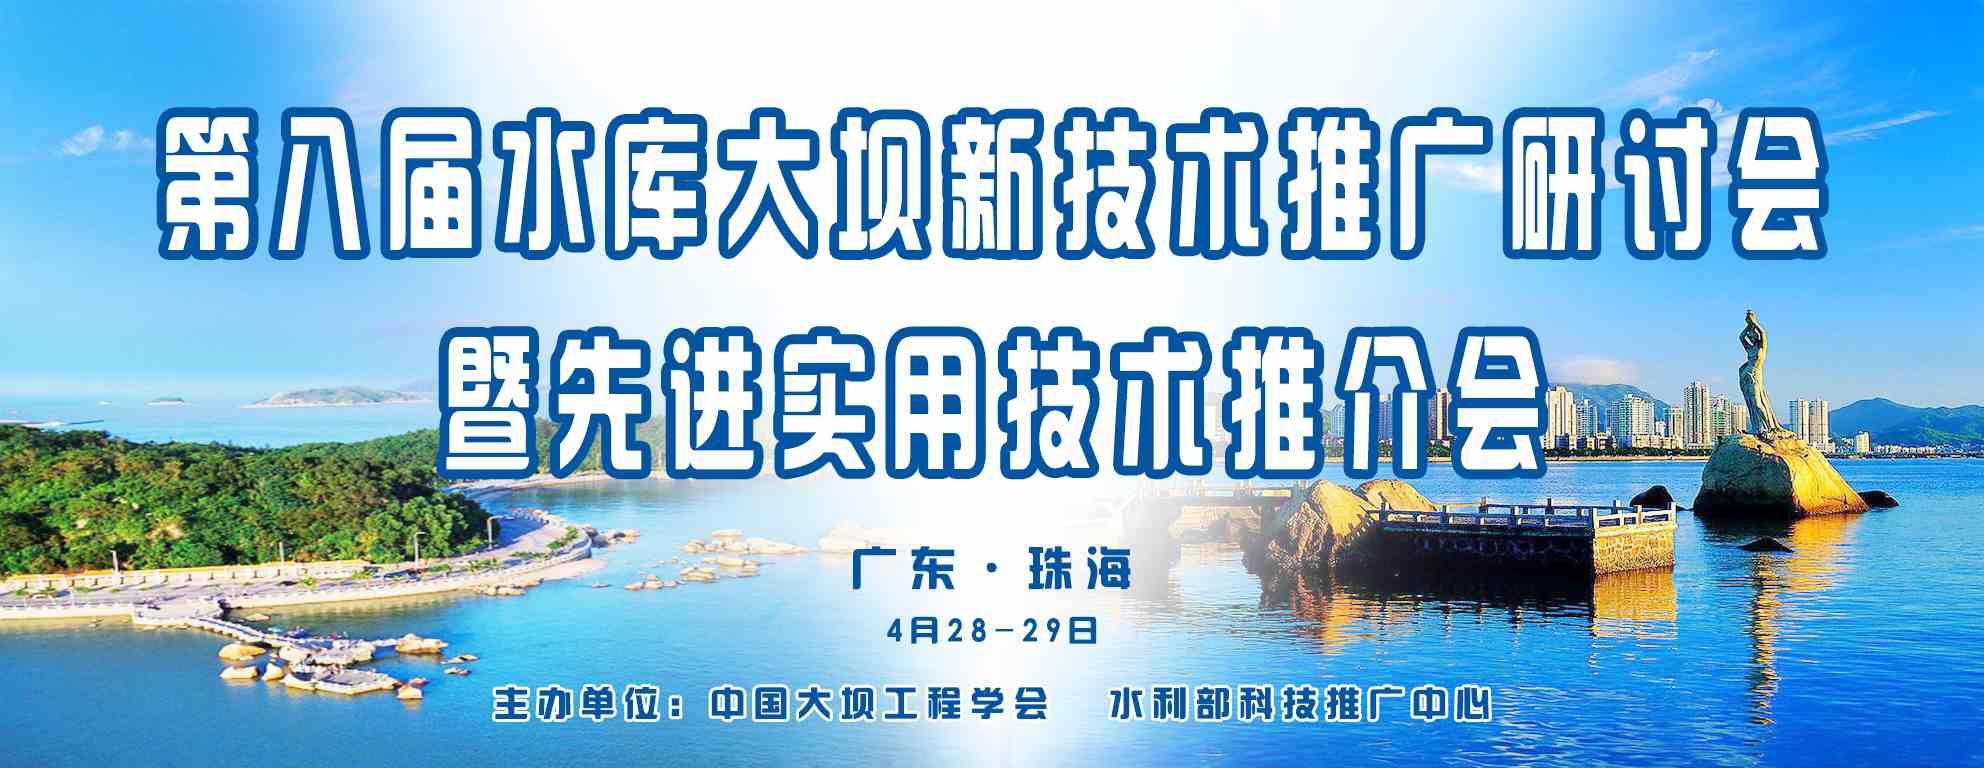 设计会议背景板_3022736_k68威客网